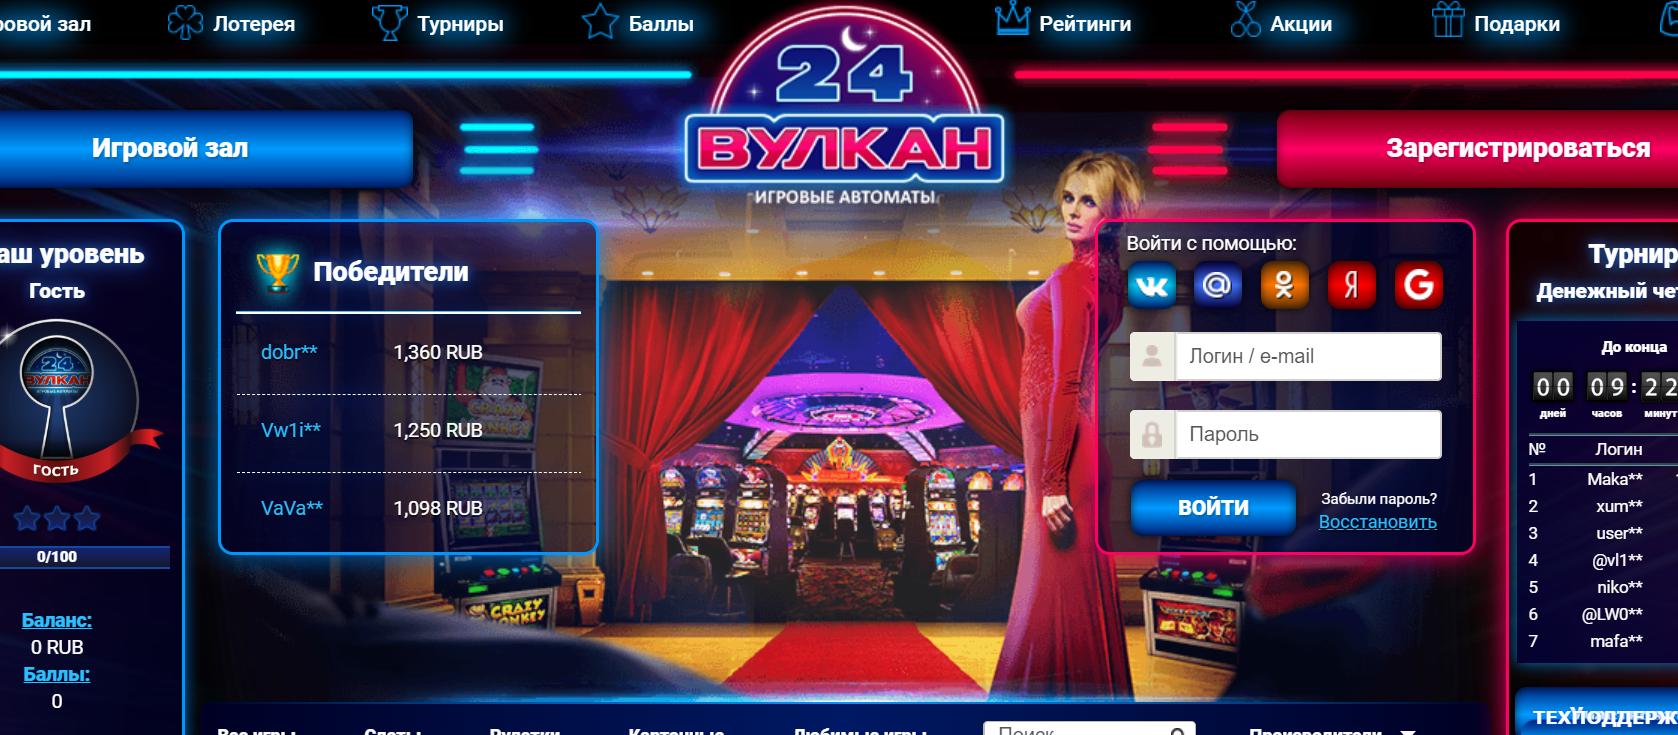 Официальный сайт для азартных игр Вулкан 24